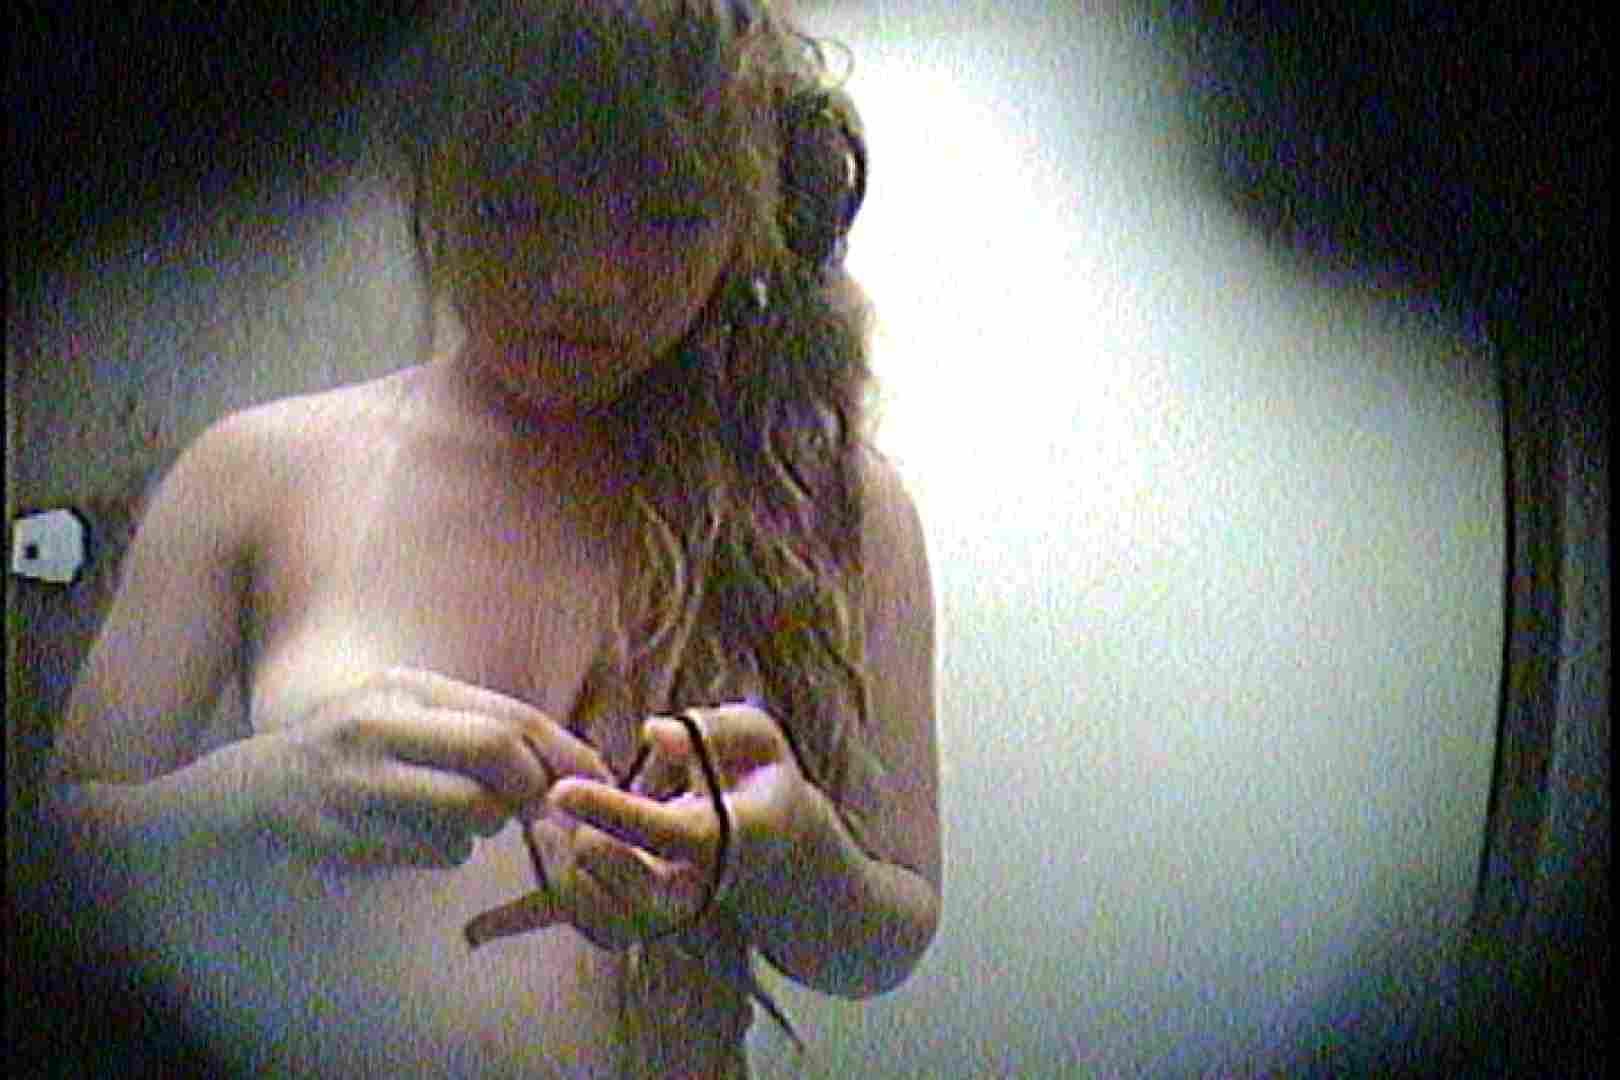 海の家の更衣室 Vol.21 美女達のヌード   シャワー中  89連発 36